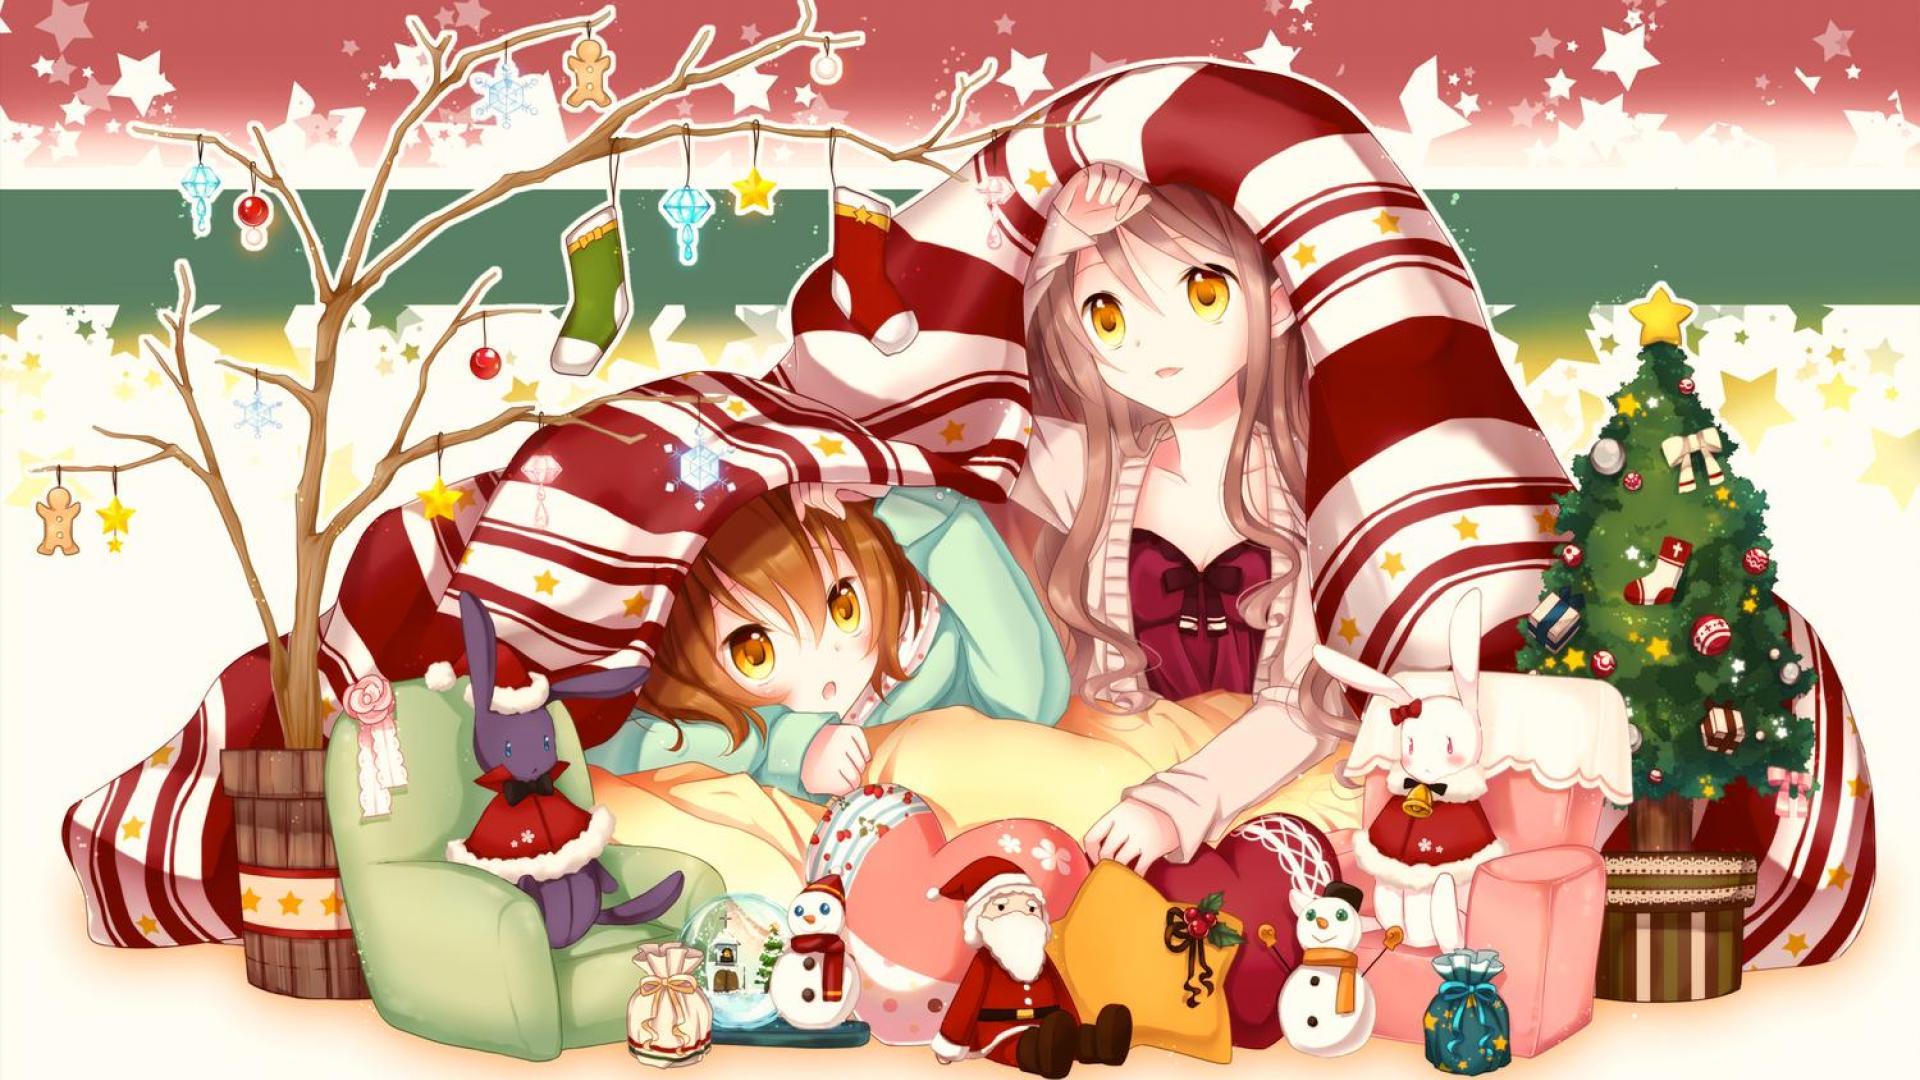 Cute Anime Girl Christmas Wallpapers HD